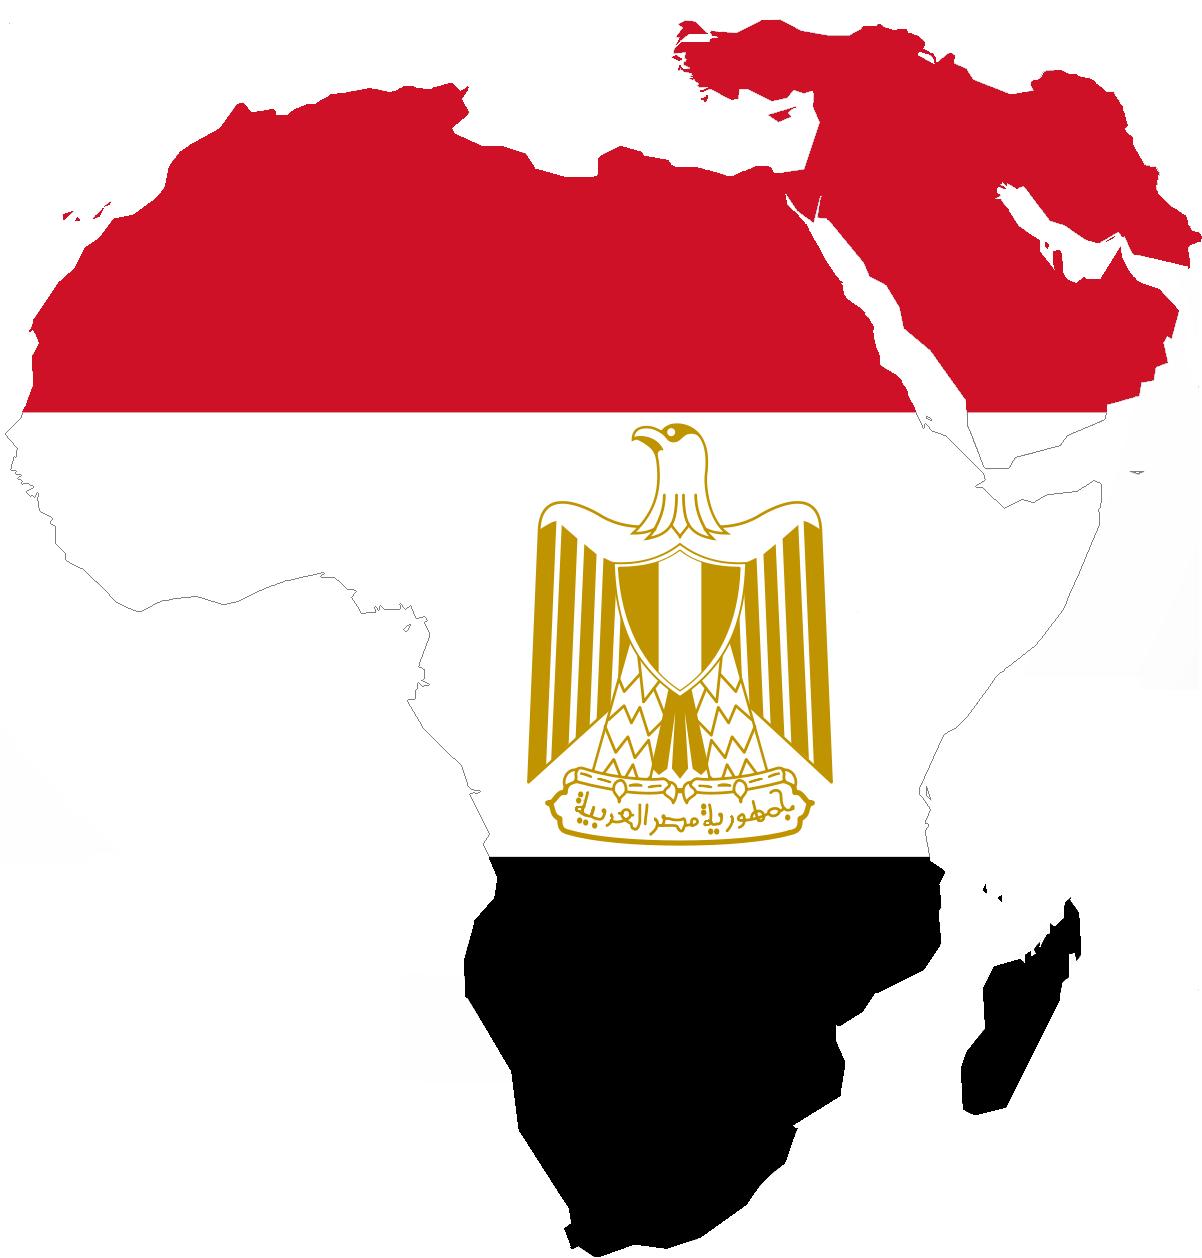 صور العلم المصري  (4)